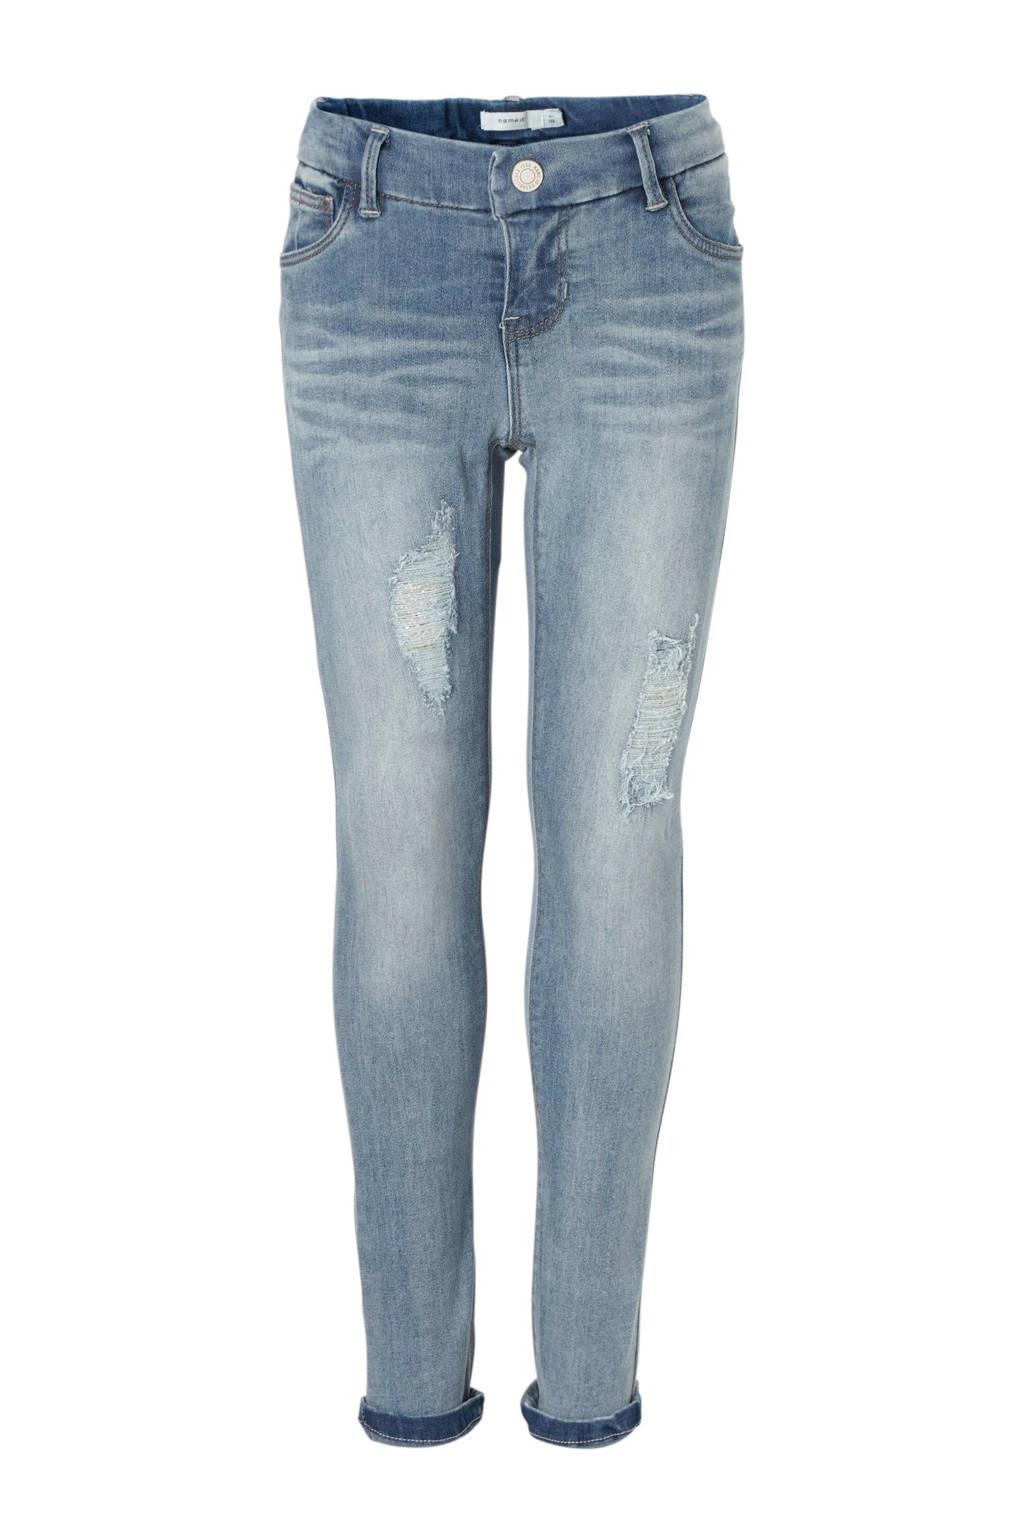 name it skinny jeans Polly, Light denim